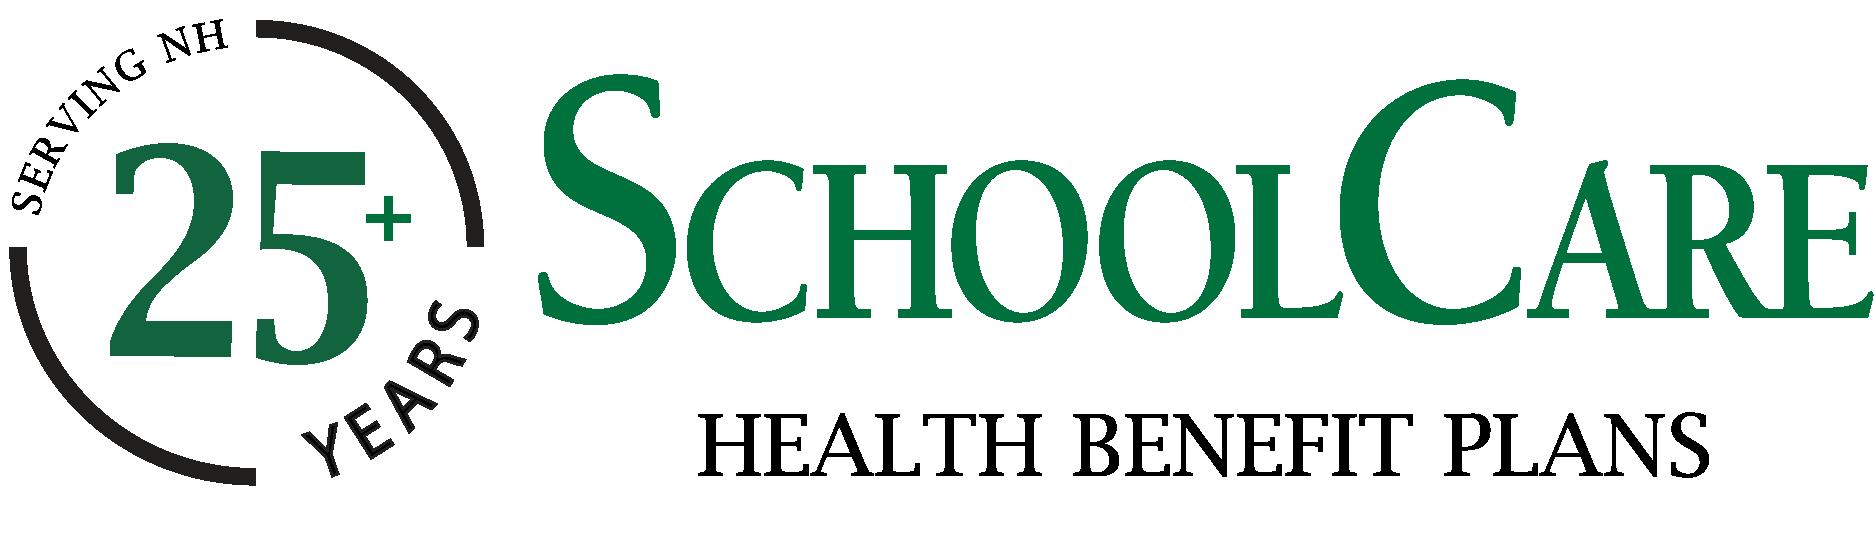 SchoolCare